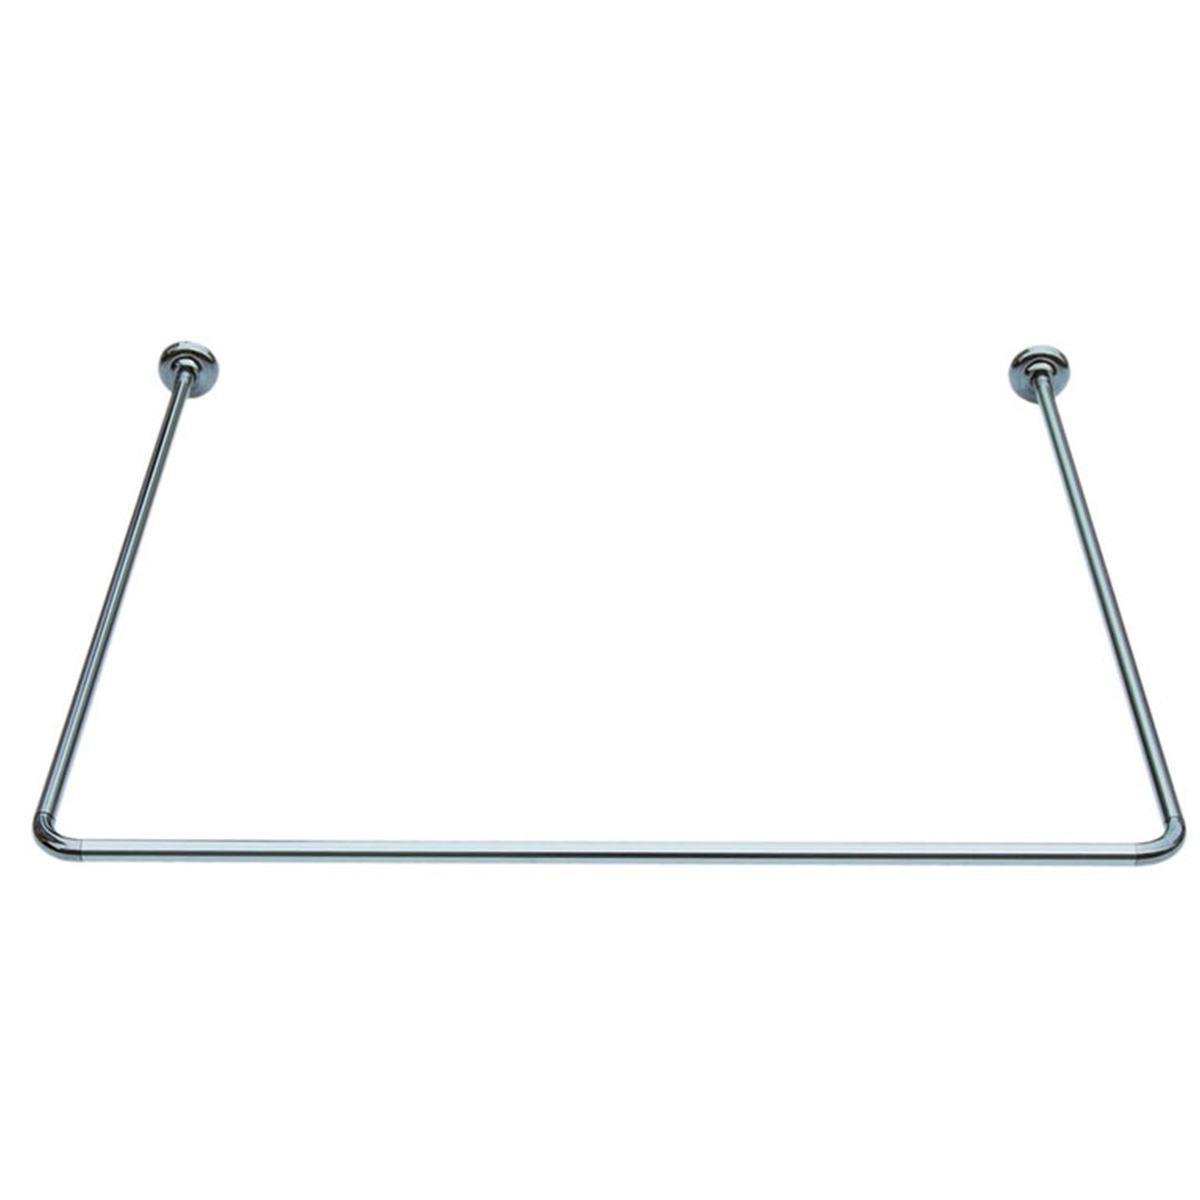 Forhængsstang stål 90x90x90 cm Ø22mm - Geyser